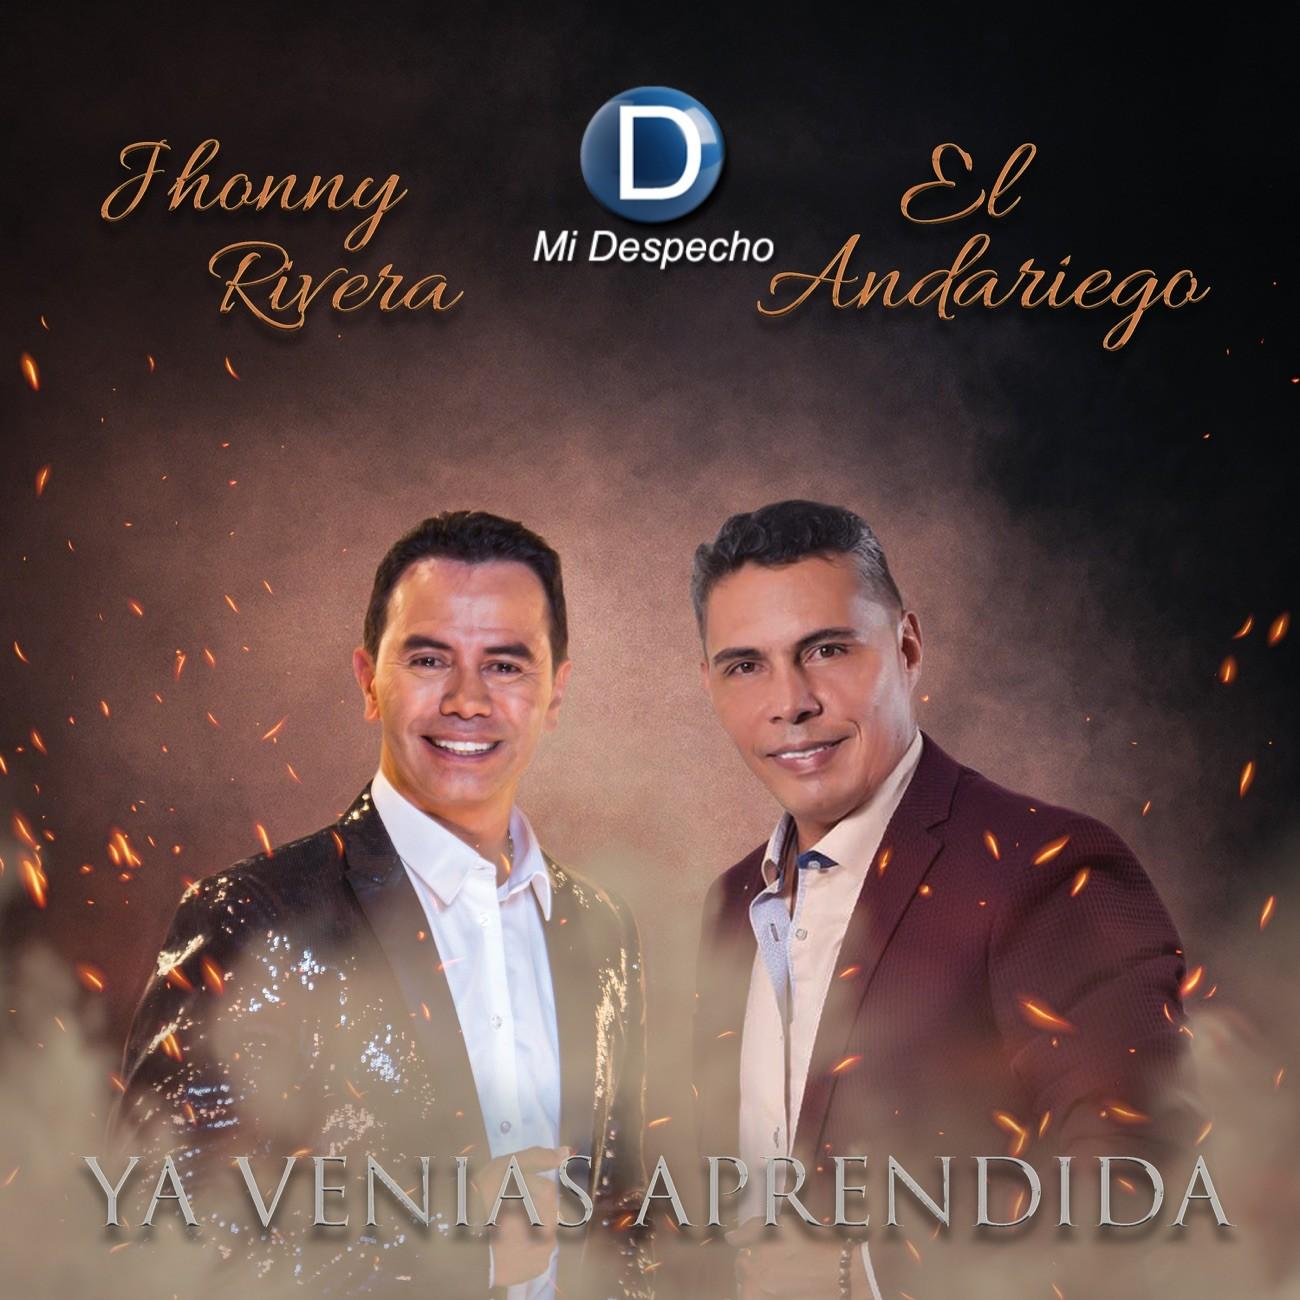 Jhonny Rivera Y El Andariego Ya Venias Aprendida Frontal